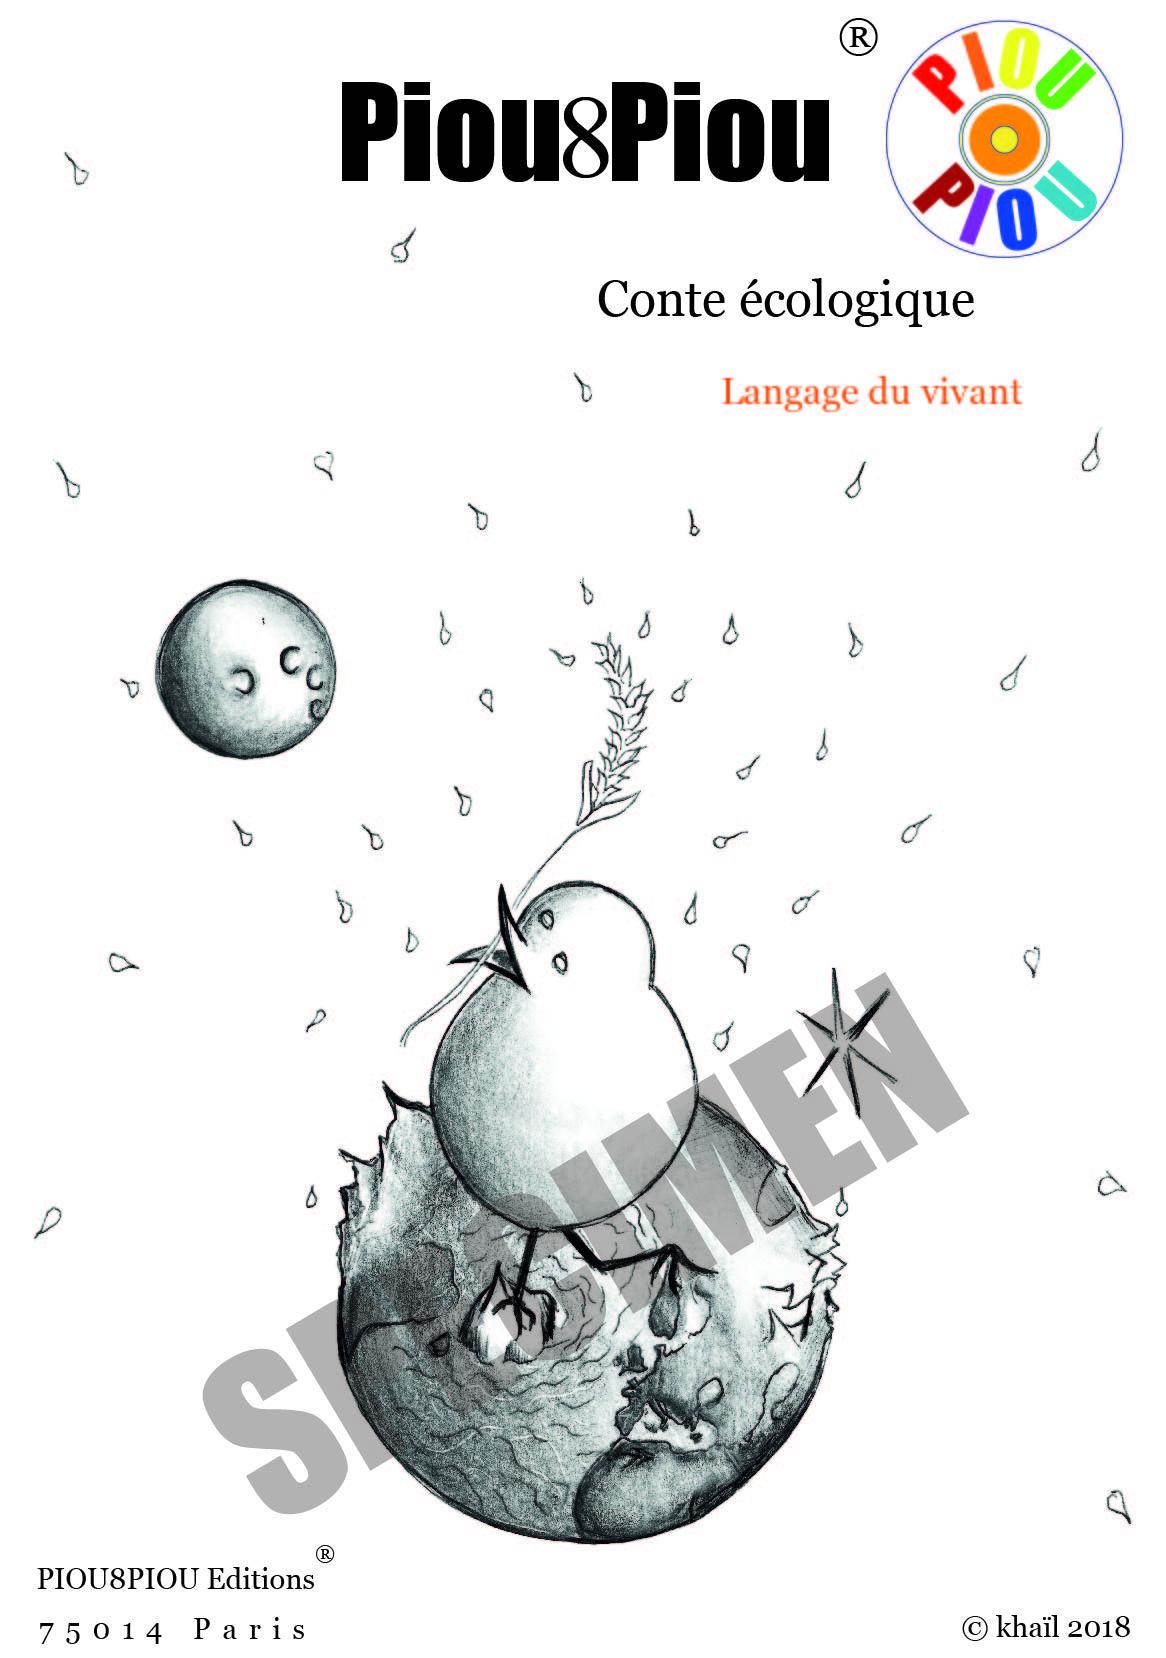 PIOU8PIOU conte écologique 2ème édition revue et augmentée